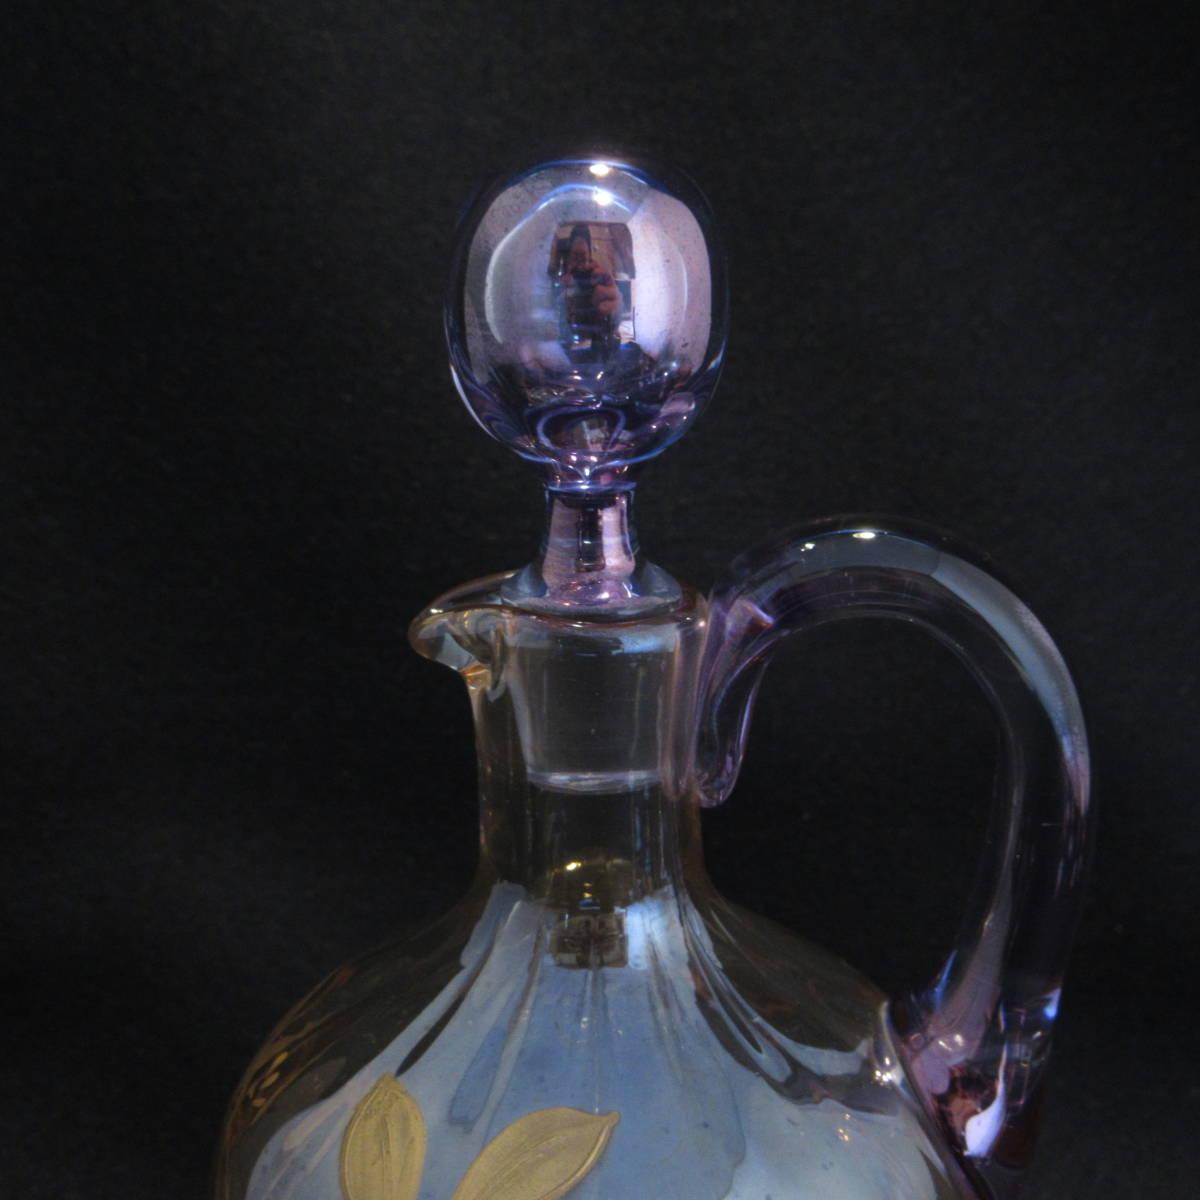 アンティークバカラ1890年頃 ラスター彩 グラス等 12点セット_画像3